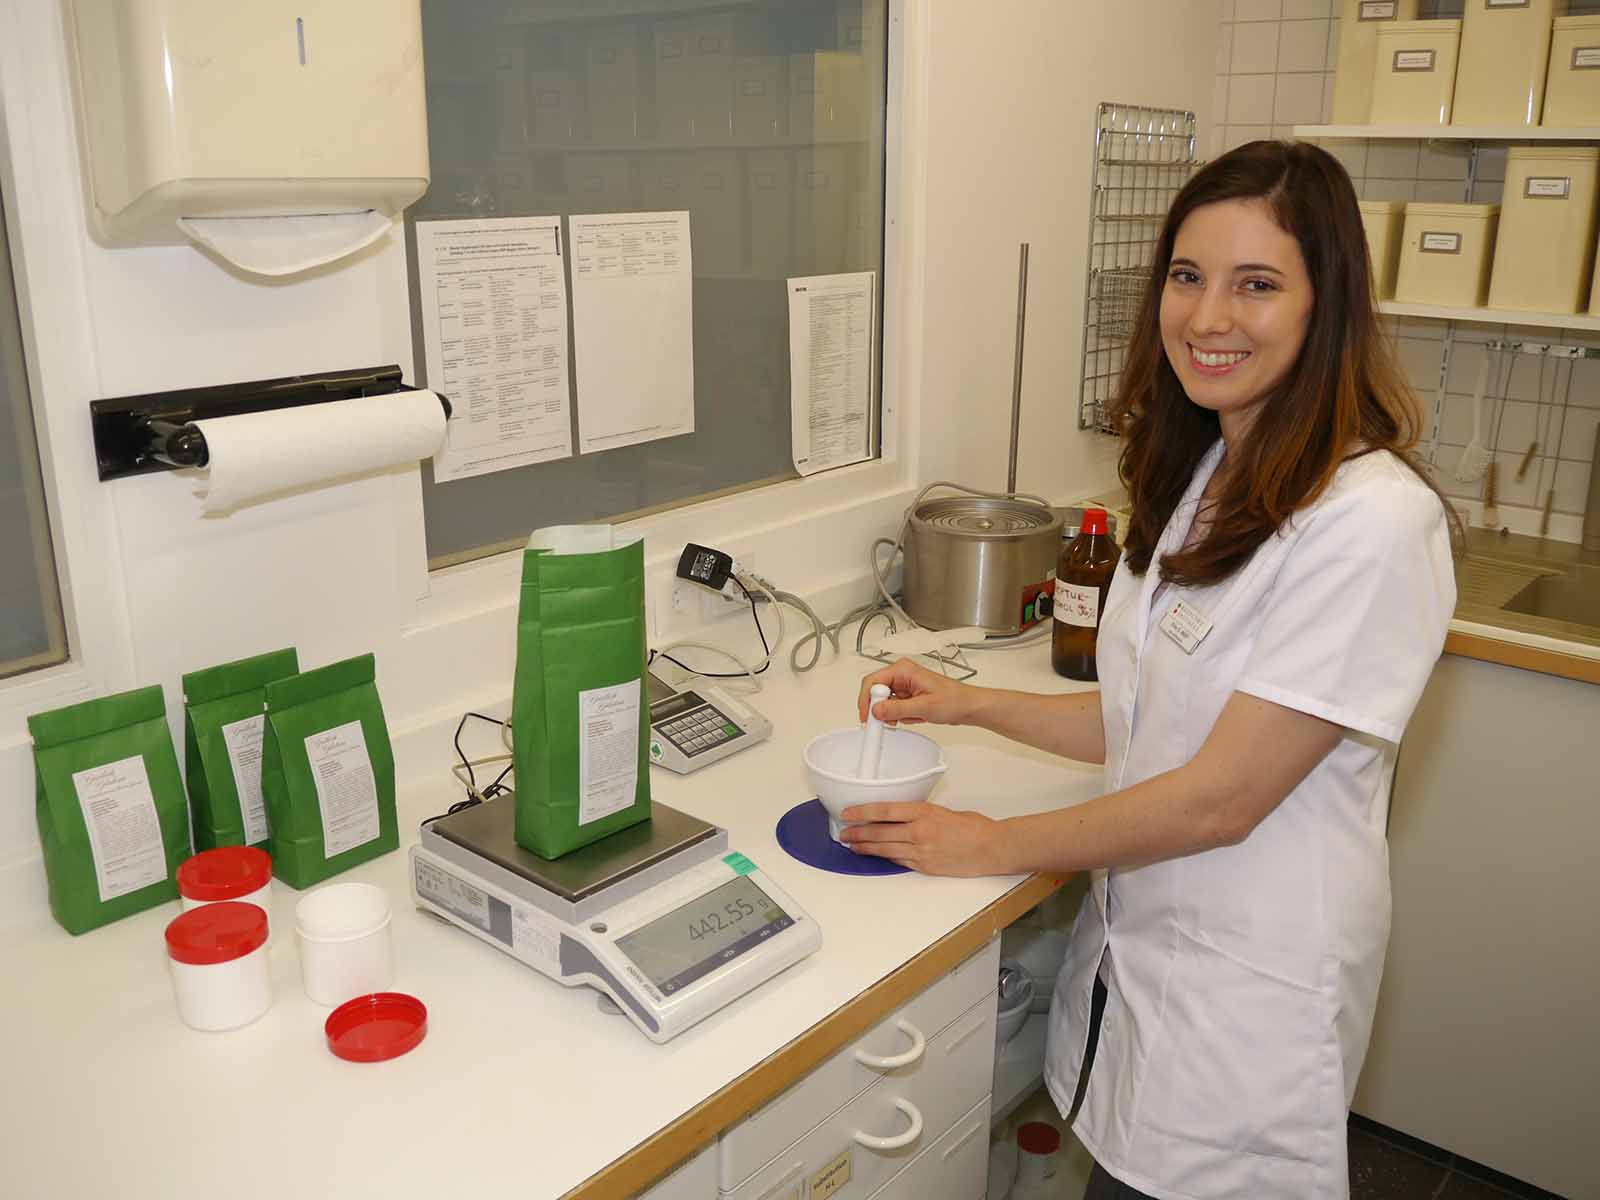 Apothekerin Susanne Wolf ist bei der Herstellung von Medikamenten, hier eine Salbe, in ihrem Element.